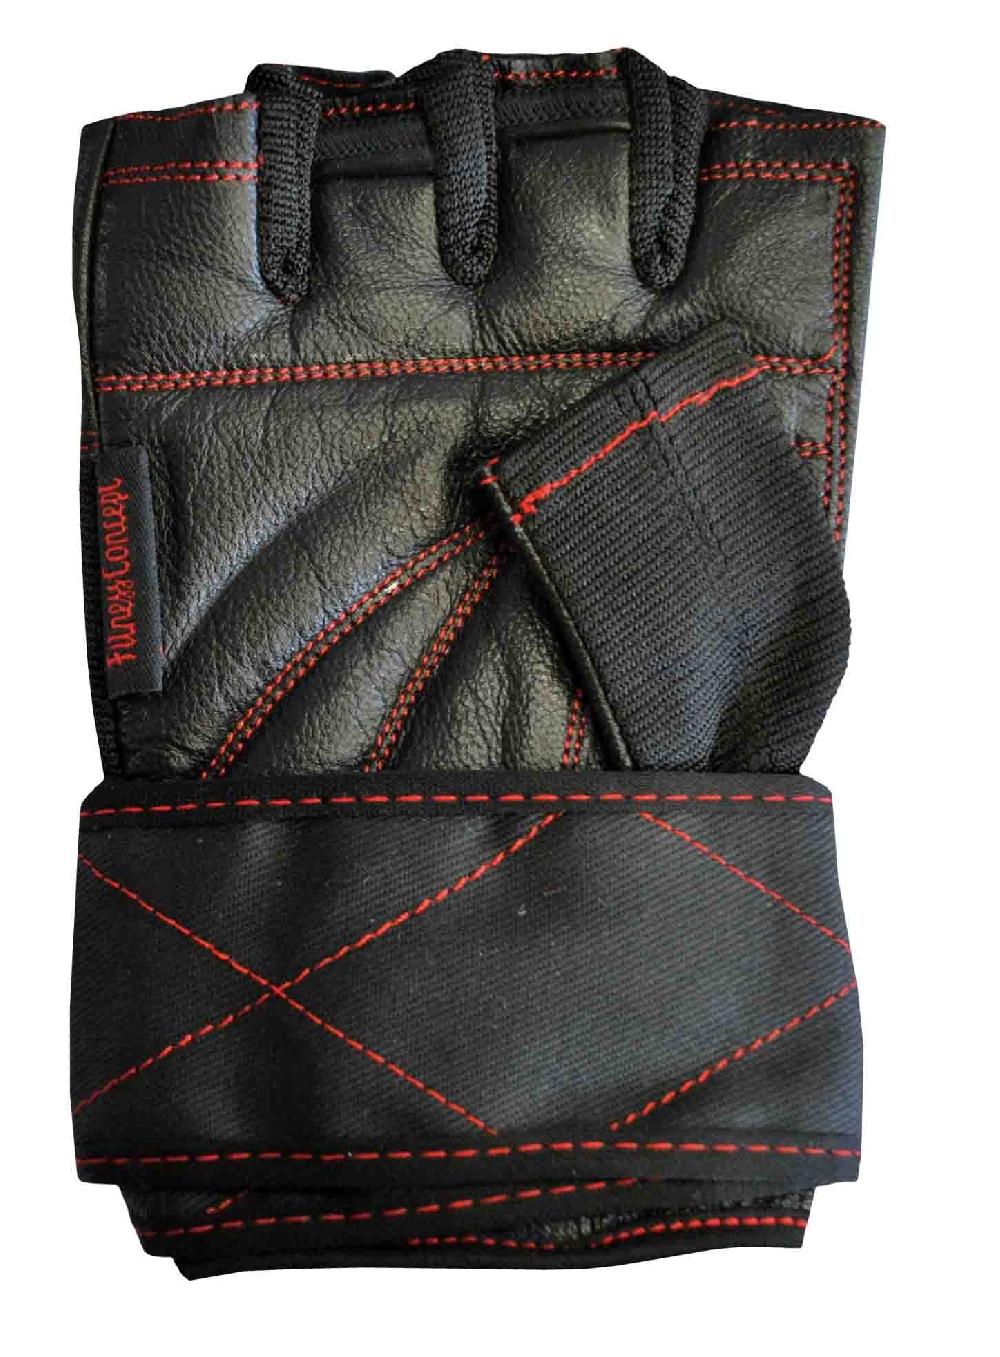 Fitness rukavice LIFEFIT TOP, černé